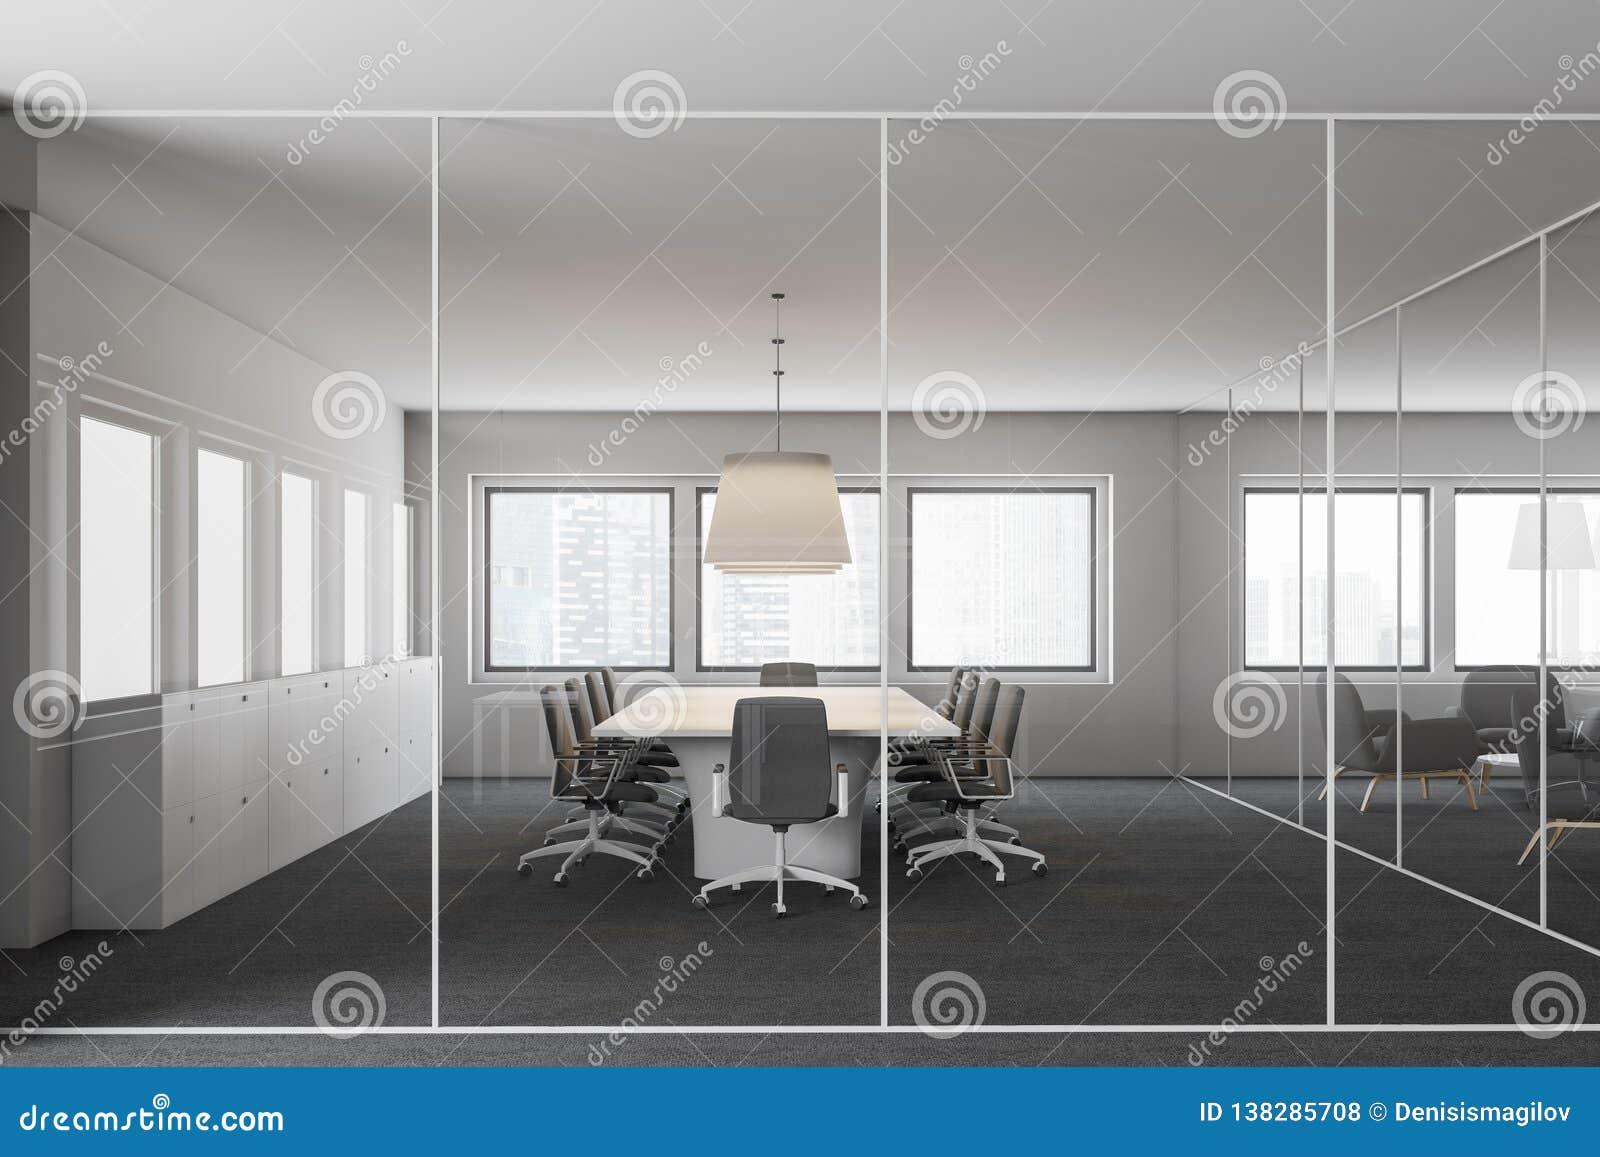 Szklany biurowy pokój konferencyjny